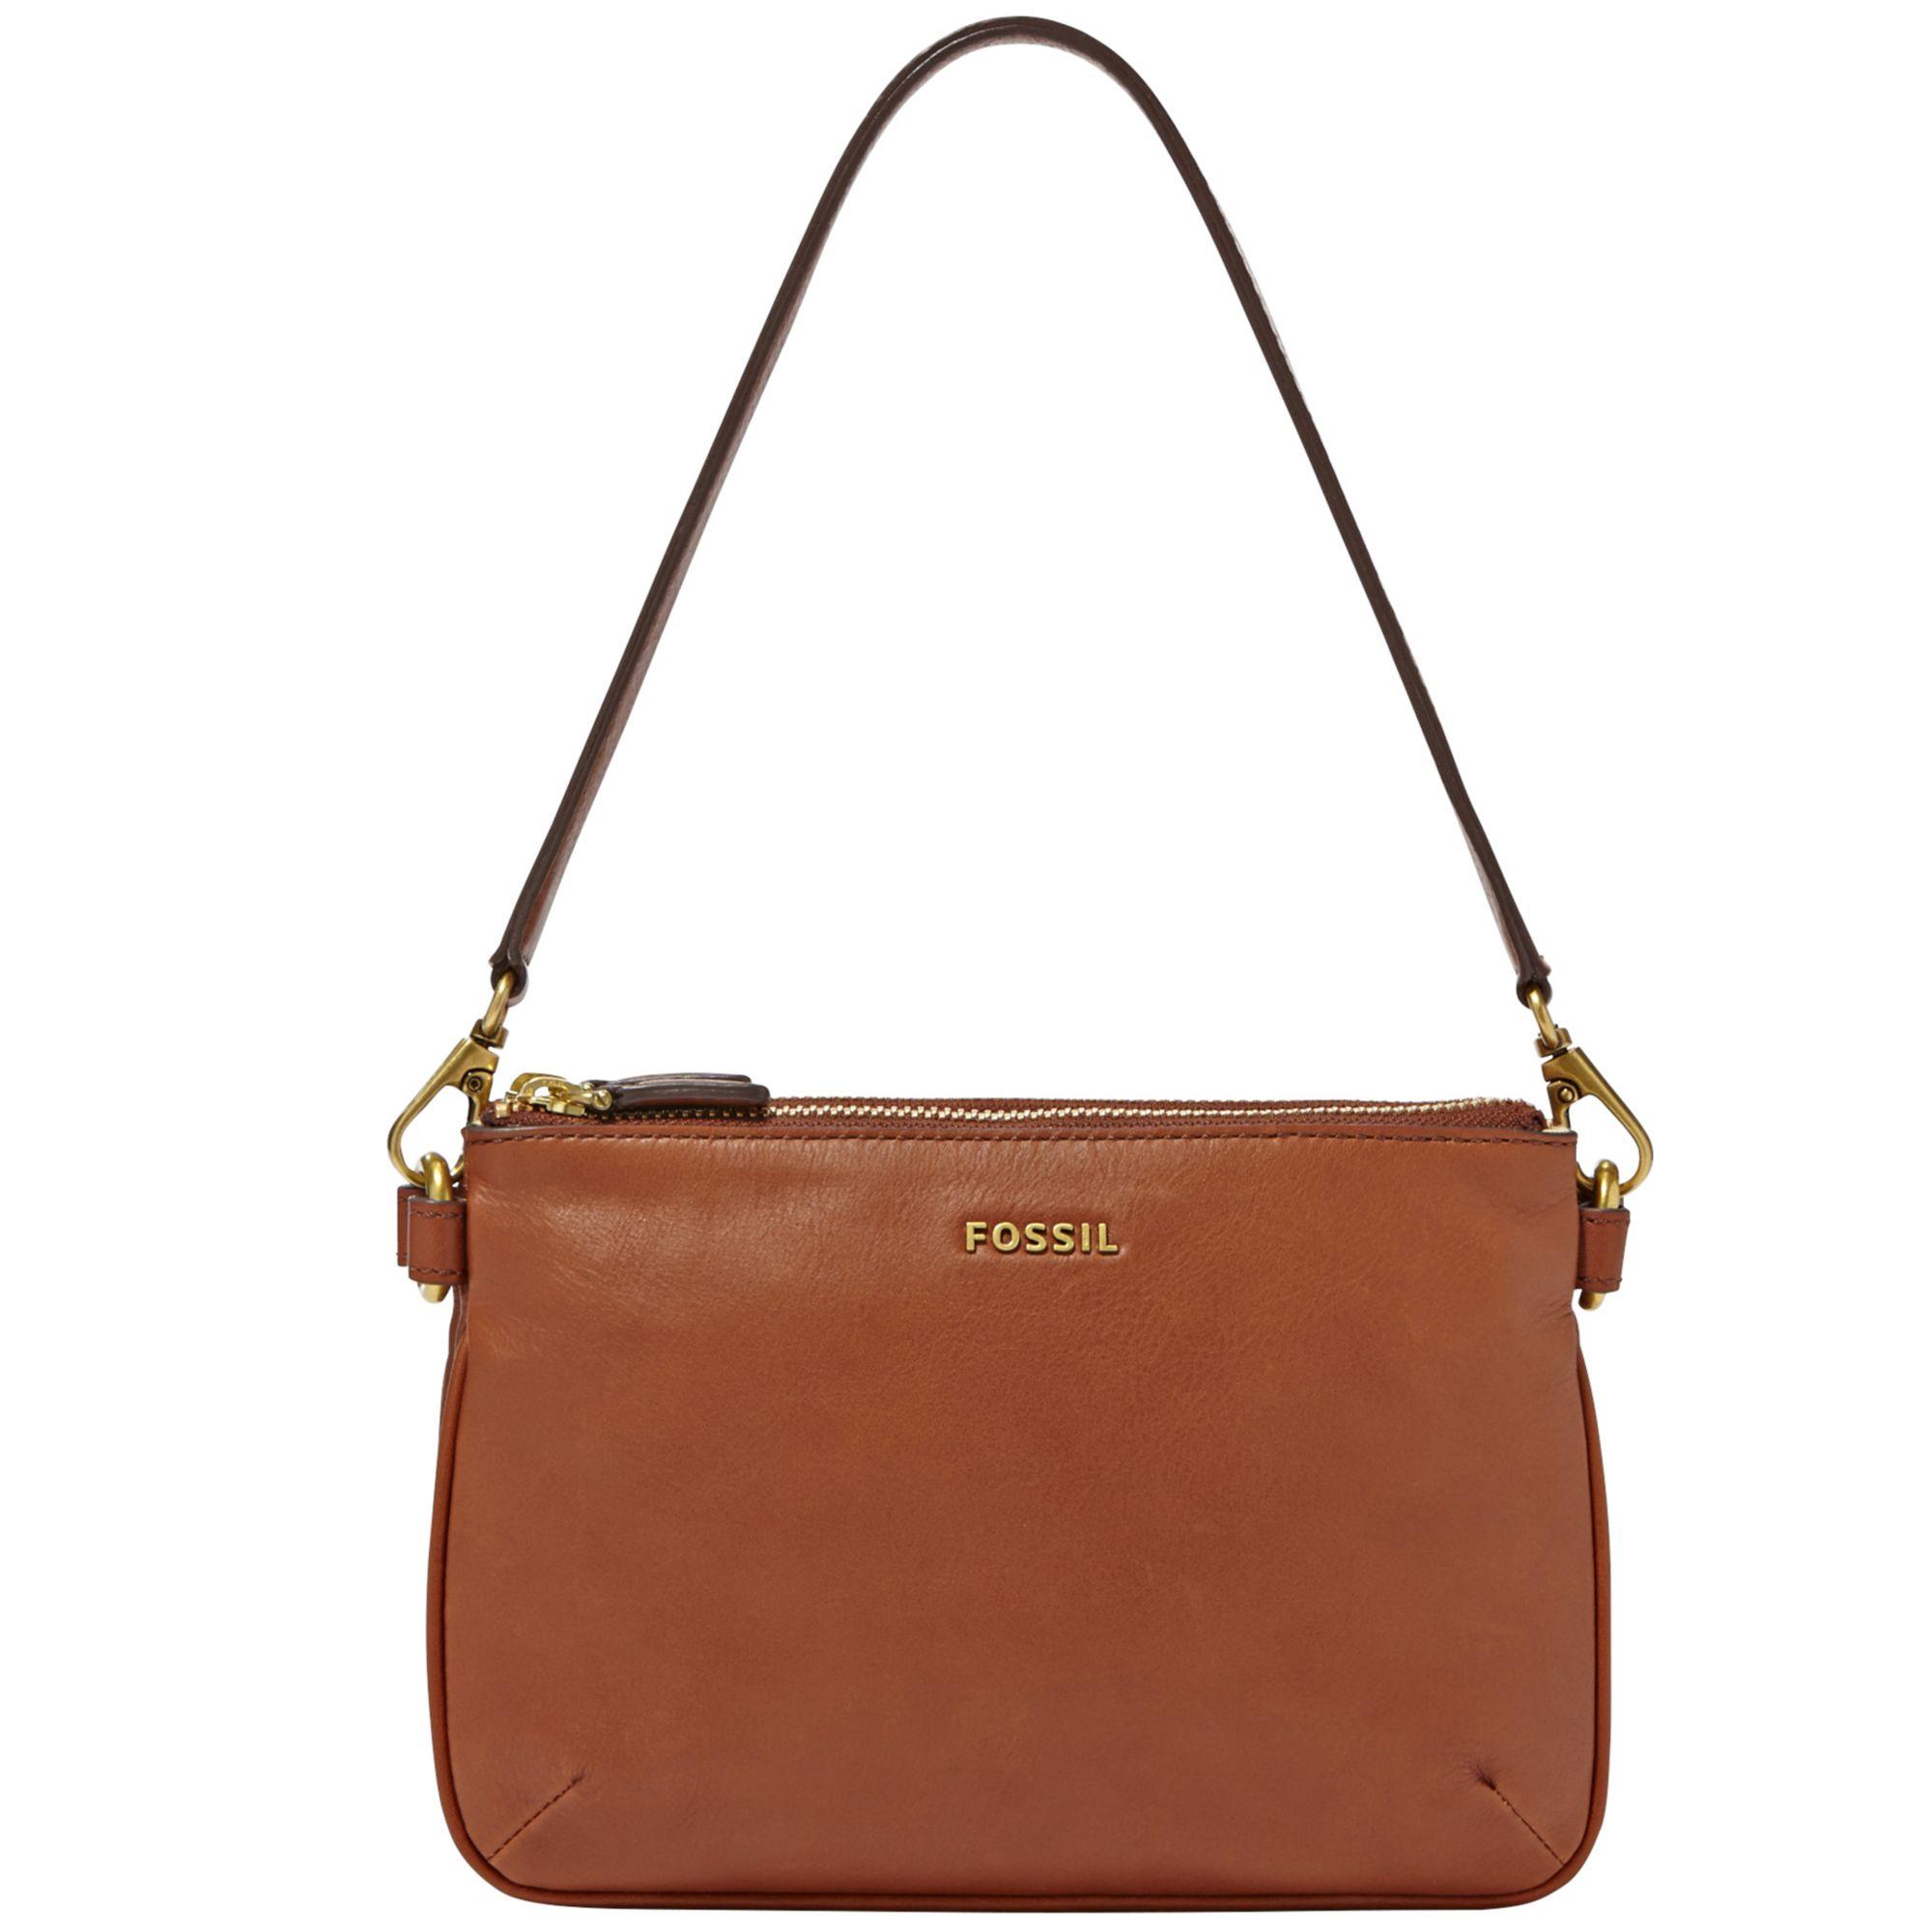 Fossil Memoir Leather Pocketbook Top Zip Shoulder Bag in Brown | Lyst